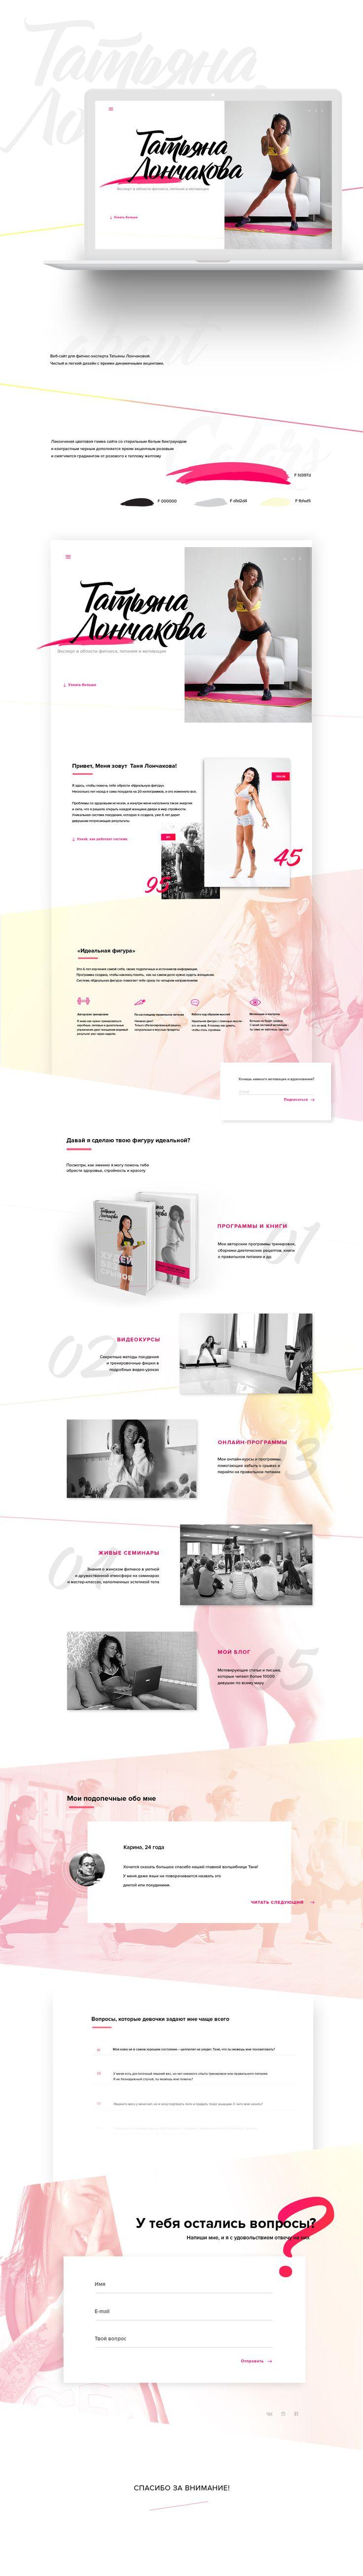 Веб-сайт для фитнес-эксперта Татьяны Лончаковой.Чистый и легкий дизайн с яркими динамичными акцентами.